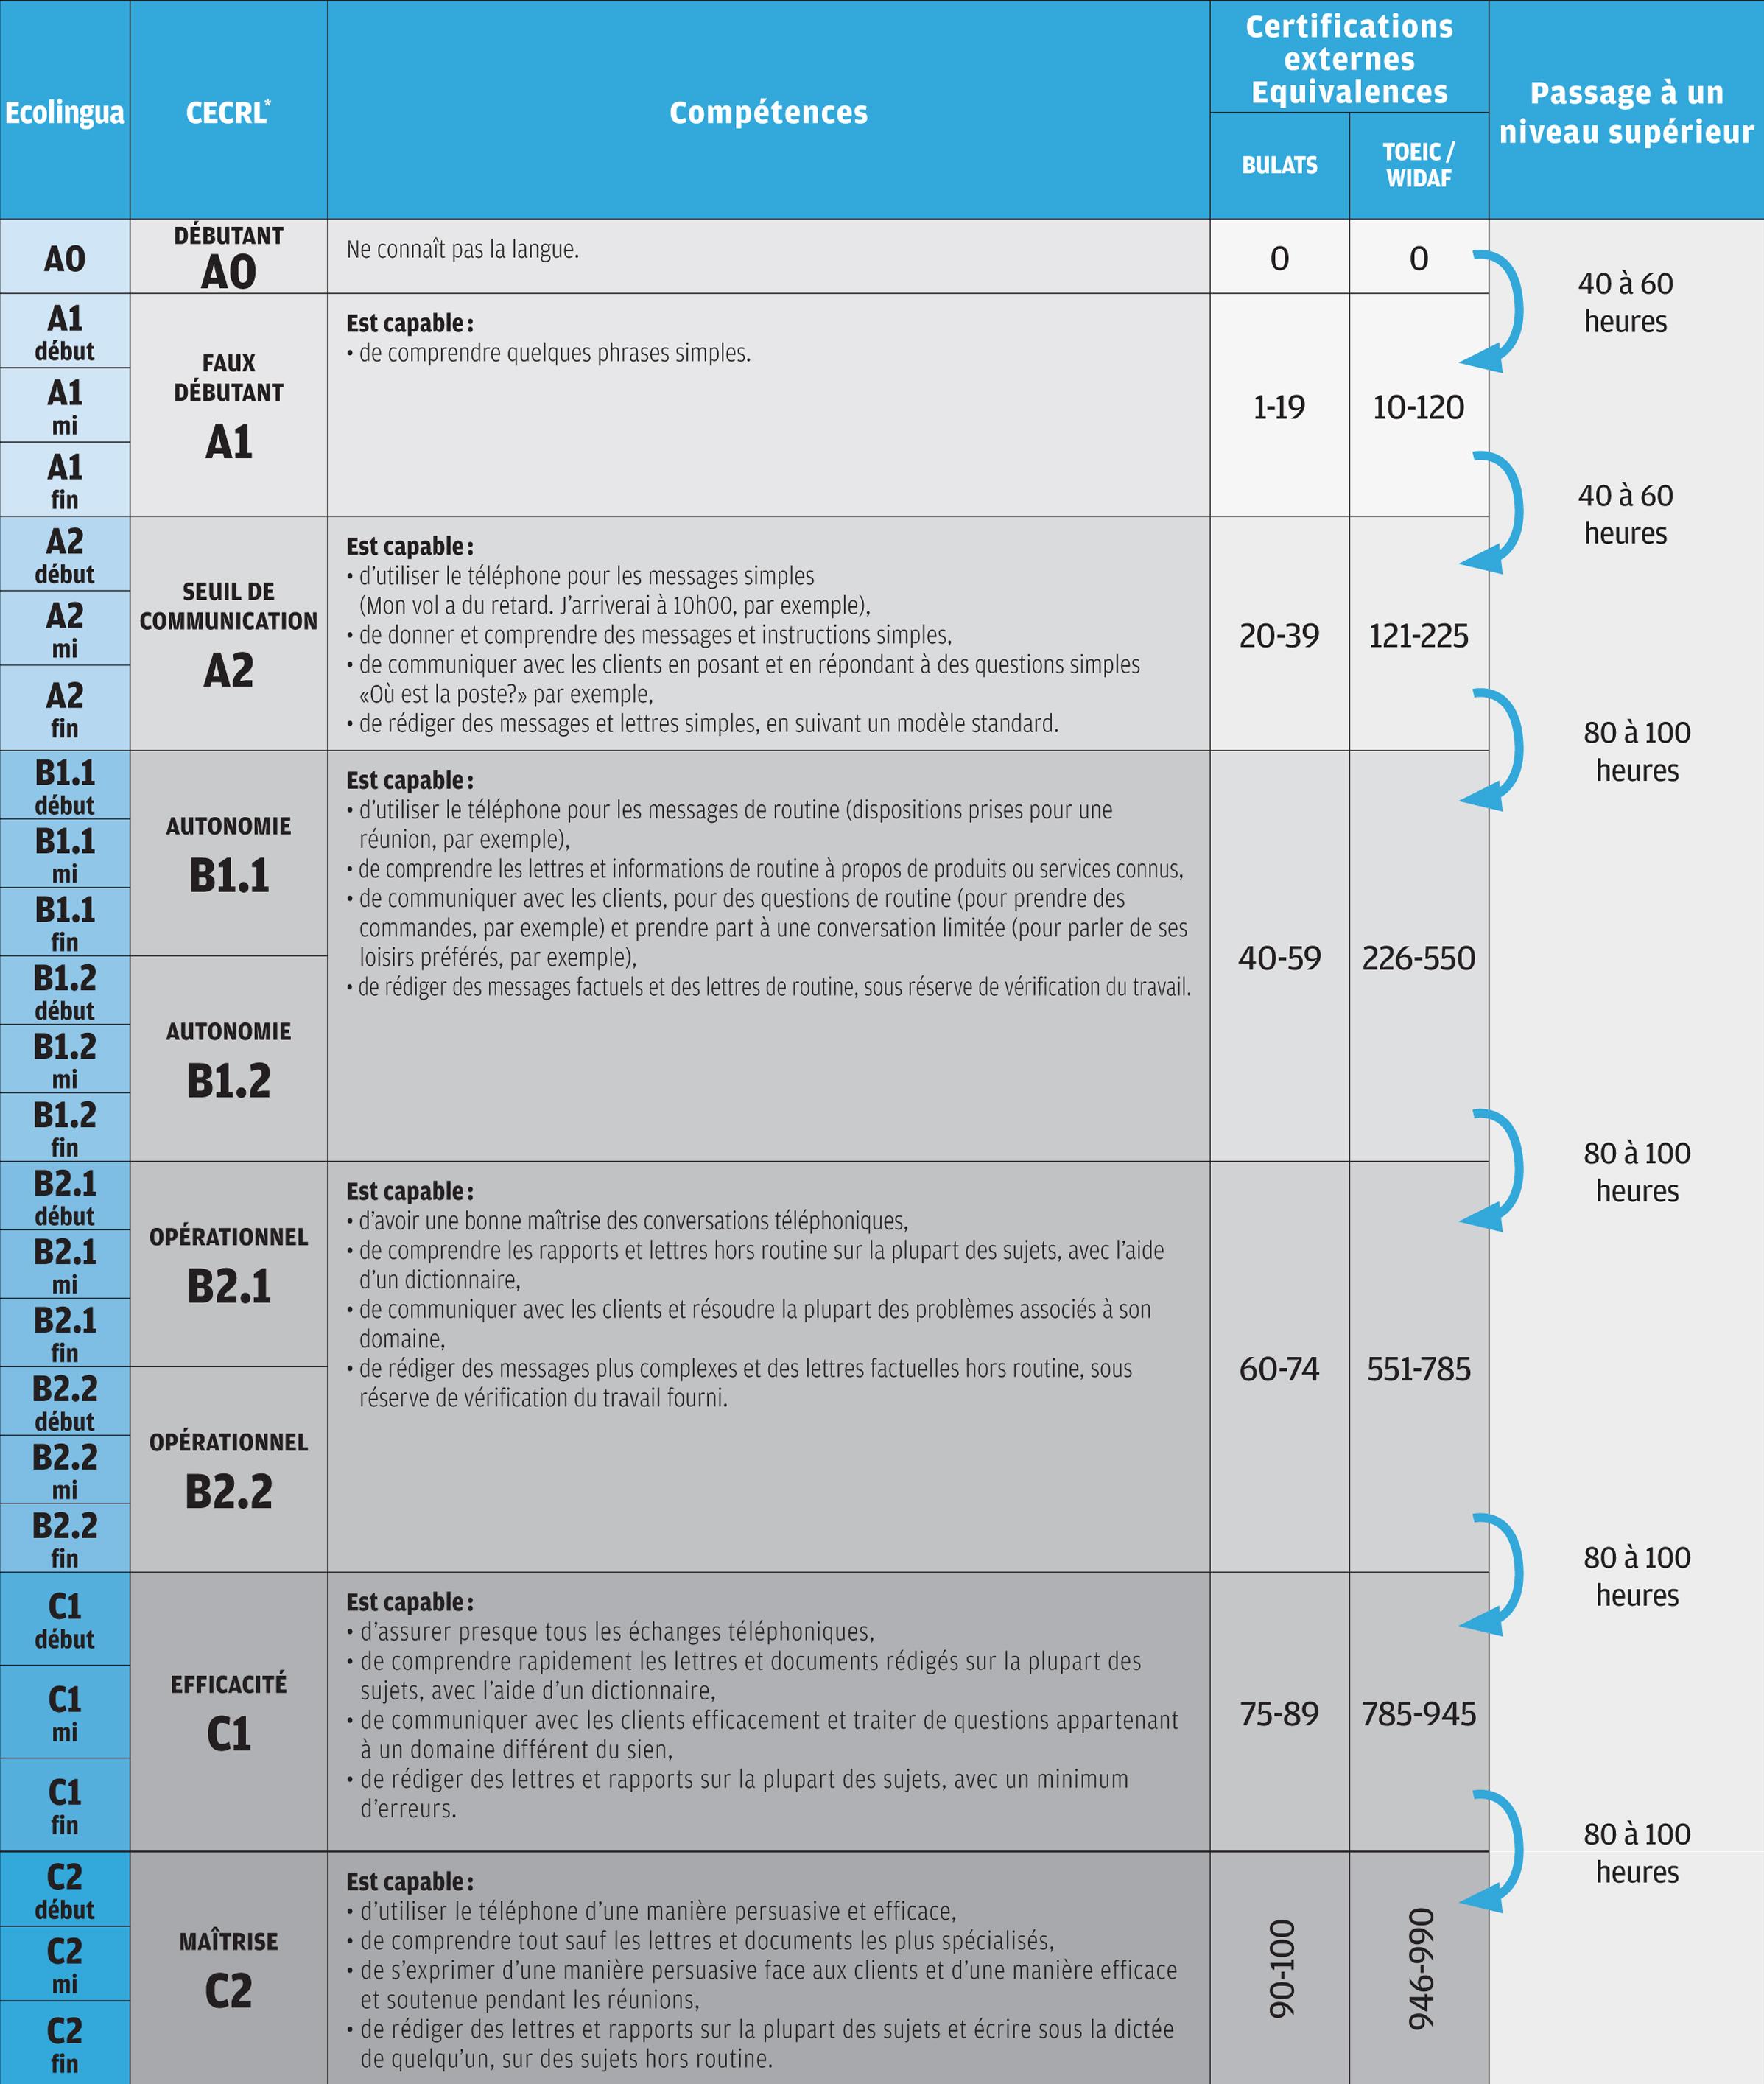 CECRL - Ecolingua